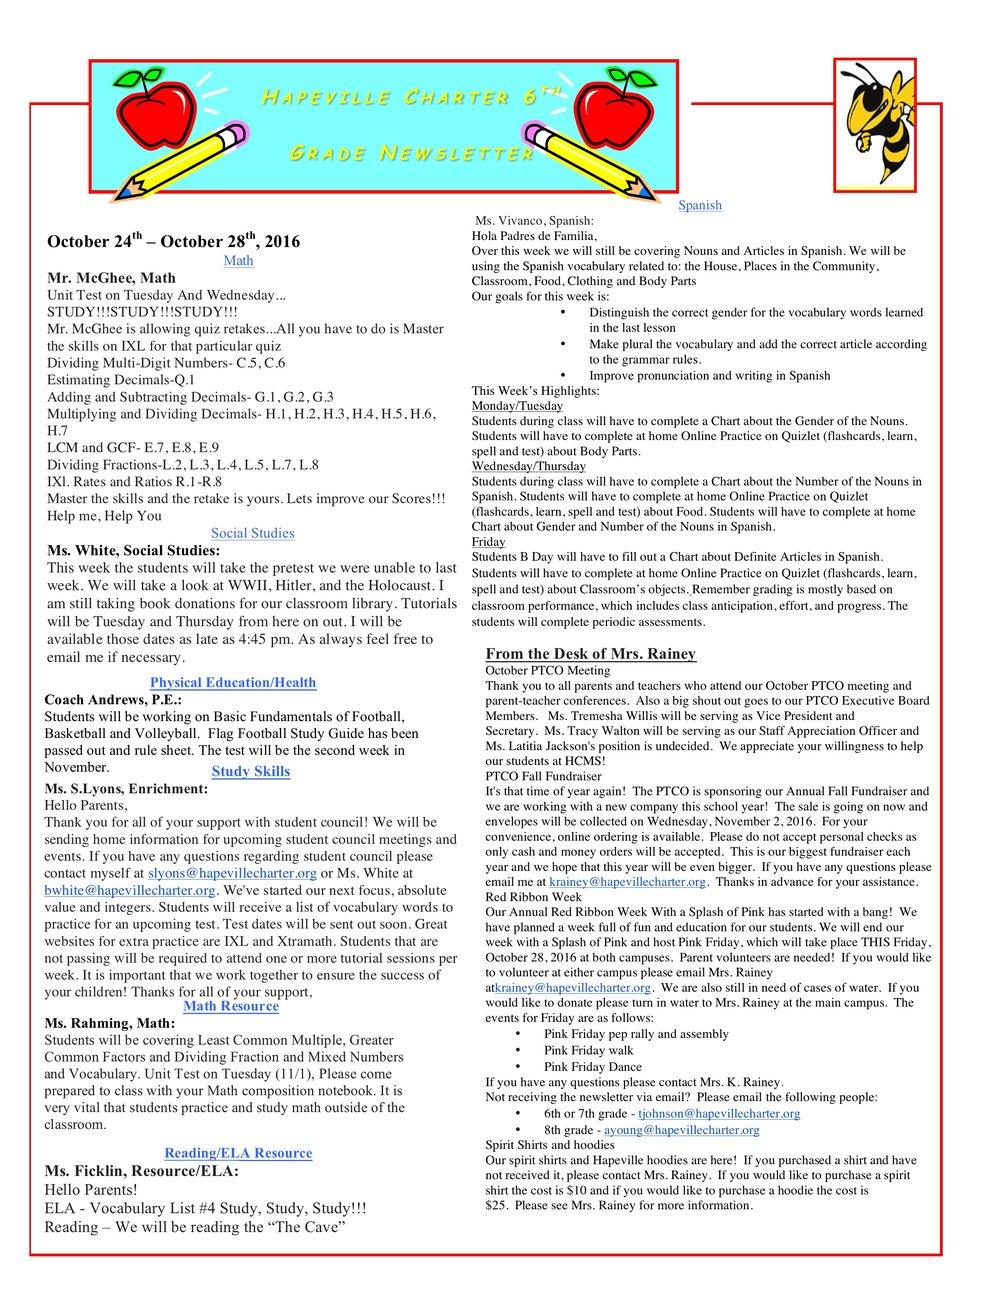 Newsletter Image6th Grade Newsletter 10-24.jpeg